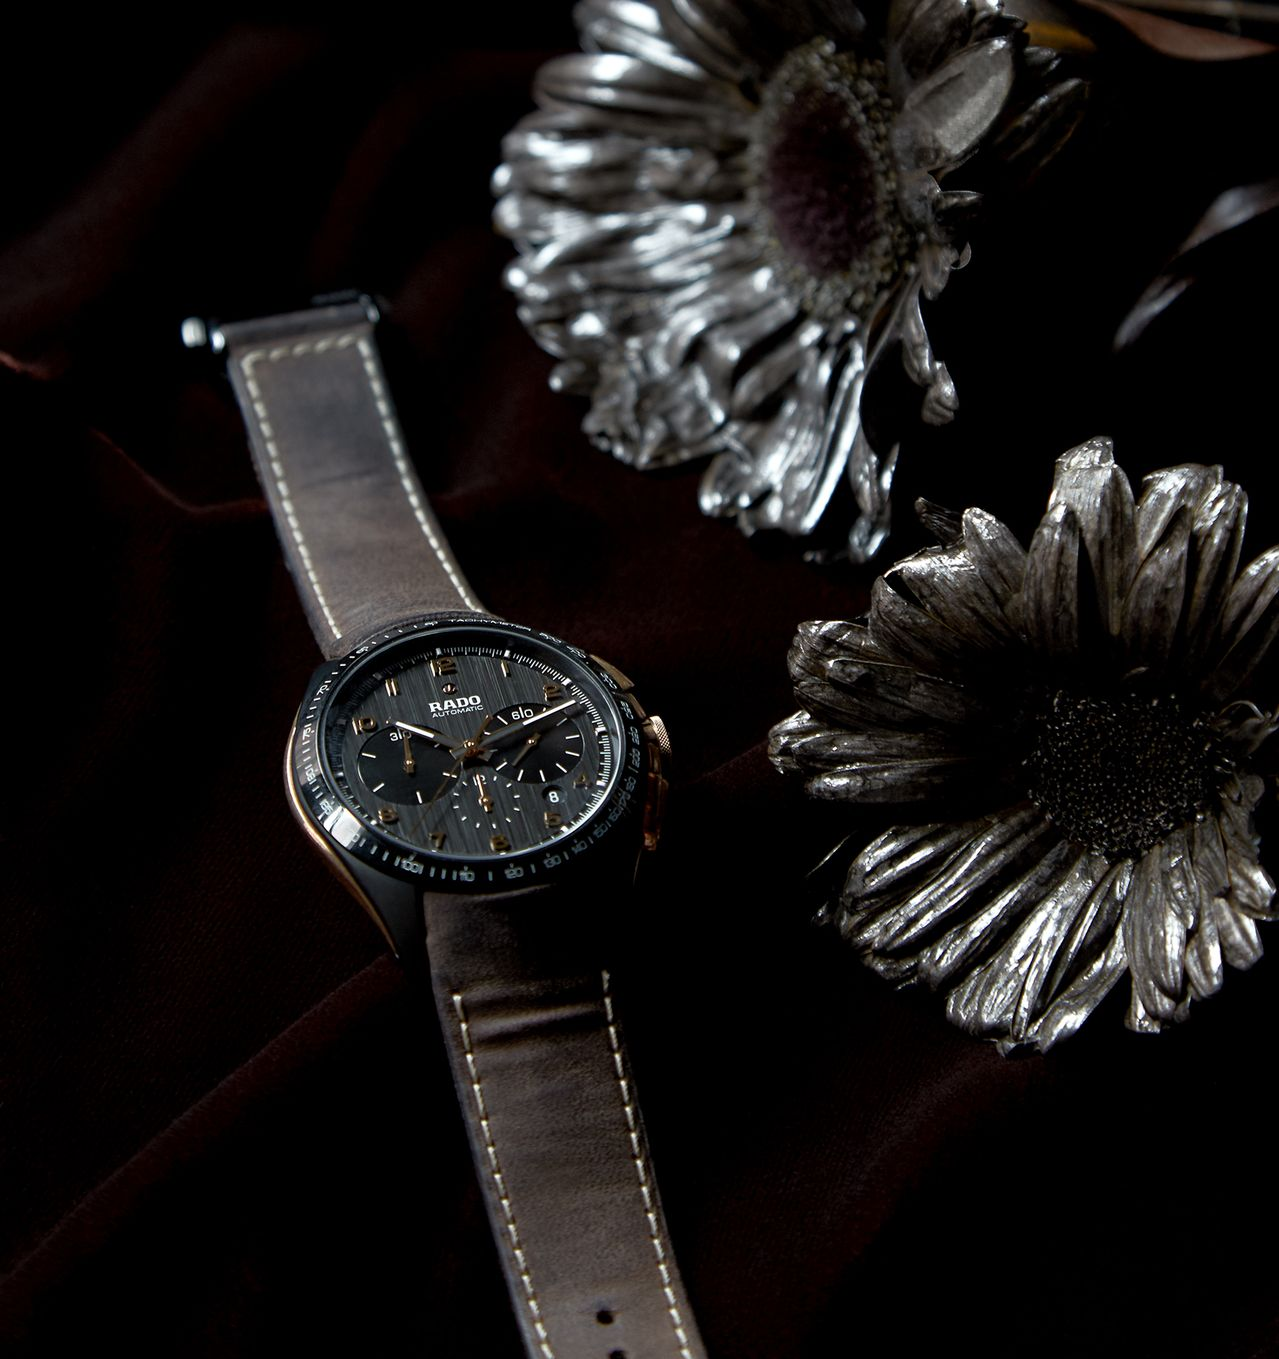 Rado HyperChrome Chronograph Automatic Bronze - több kreativitás szorult az ezüst virágokba, mint az órába